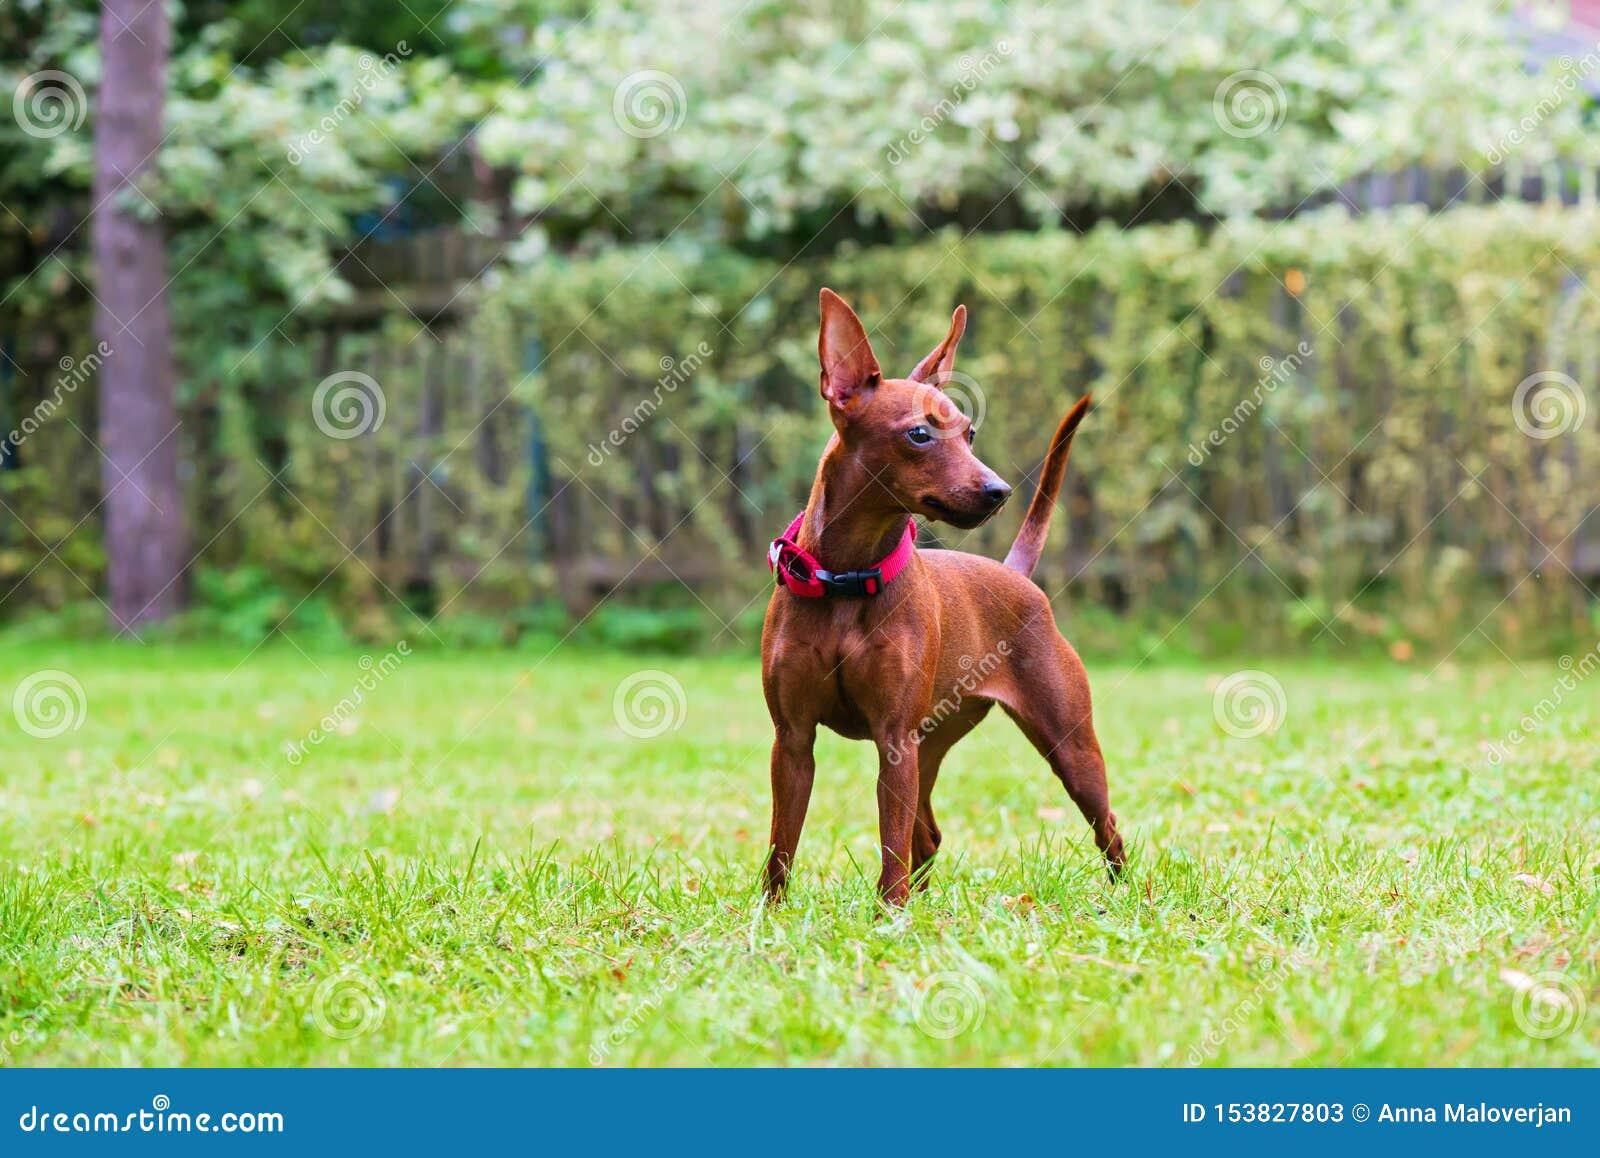 Πορτρέτο ενός κόκκινου μικροσκοπικού σκυλιού pinscher